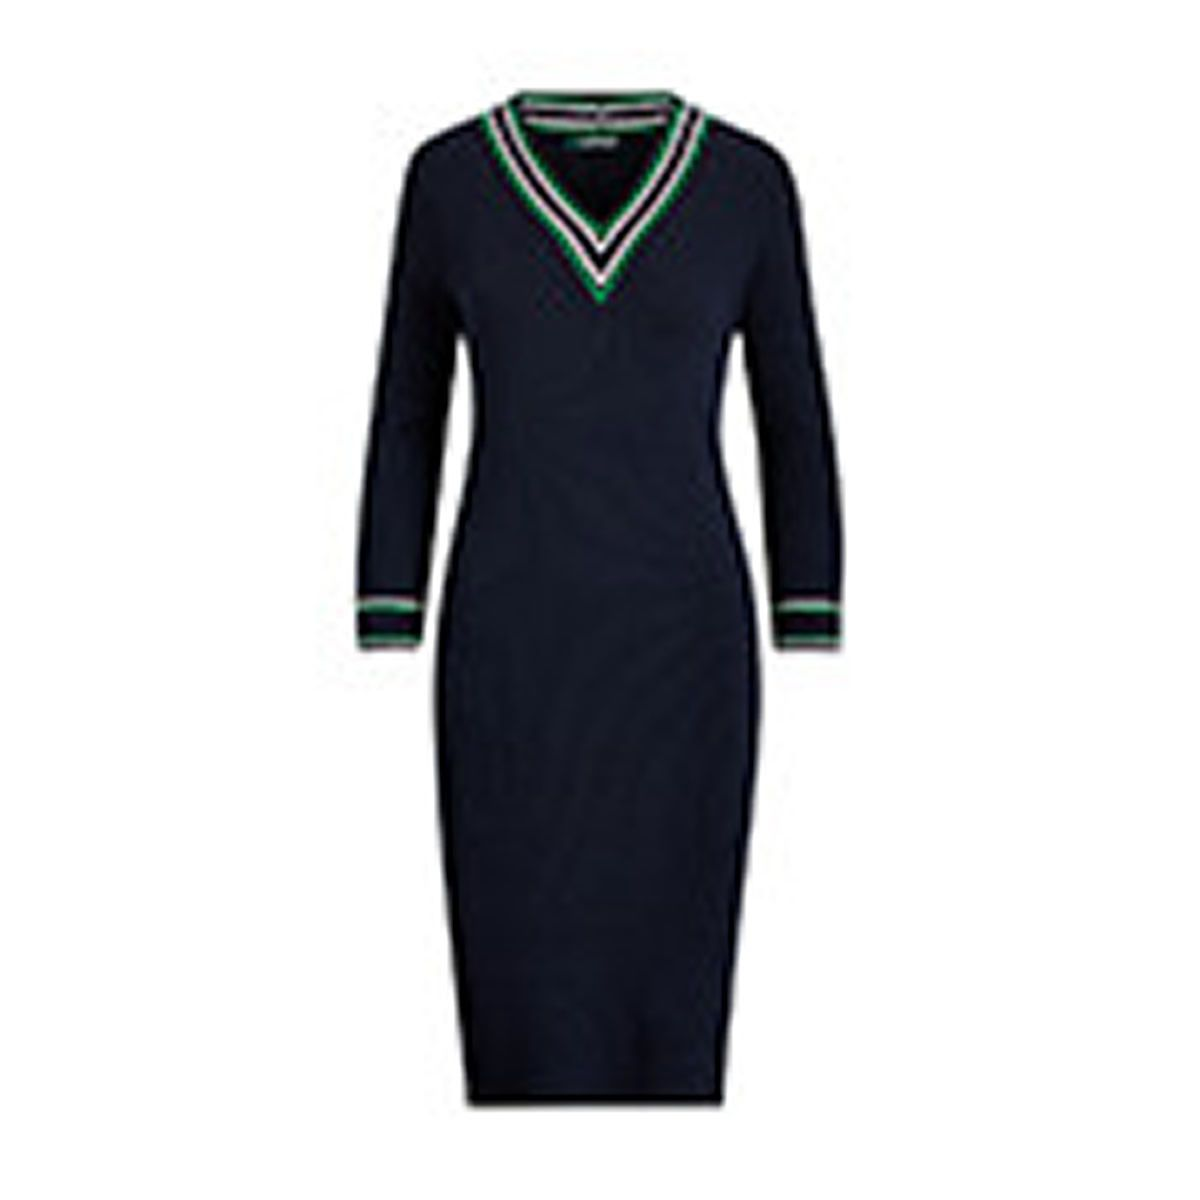 fba2b3dc8446 Ralph Lauren Petite Clothing - Dresses   More - Macy s